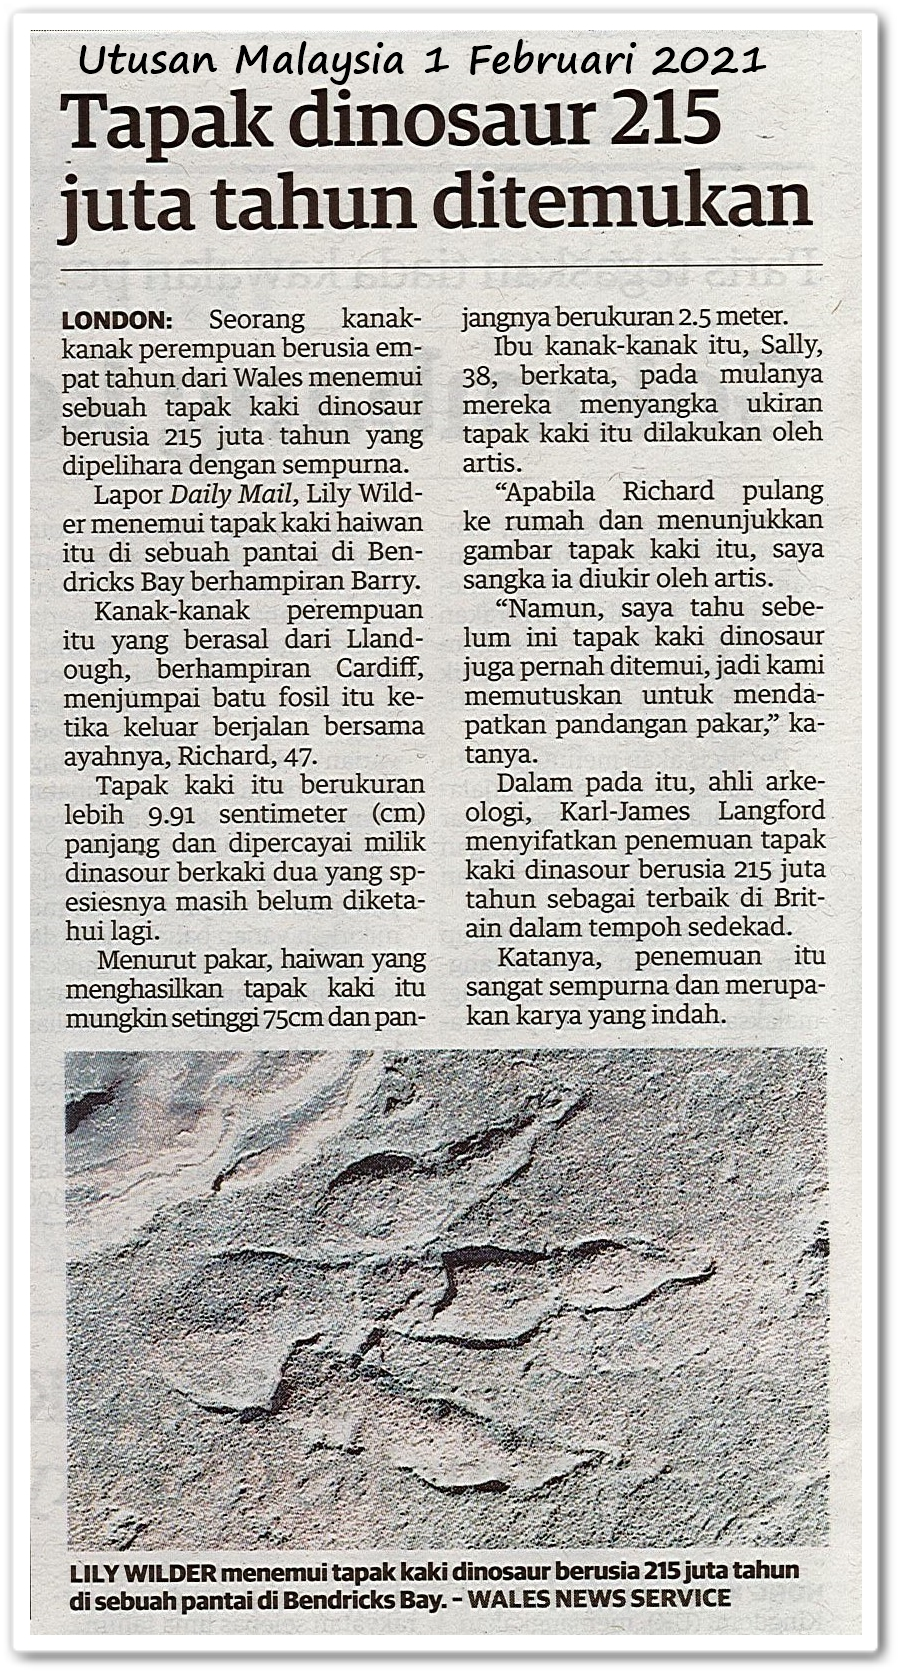 Tapak dinosaur 215 juta tahun ditemukan - Keratan akhbar Utusan Malaysia 1 Februari 2021